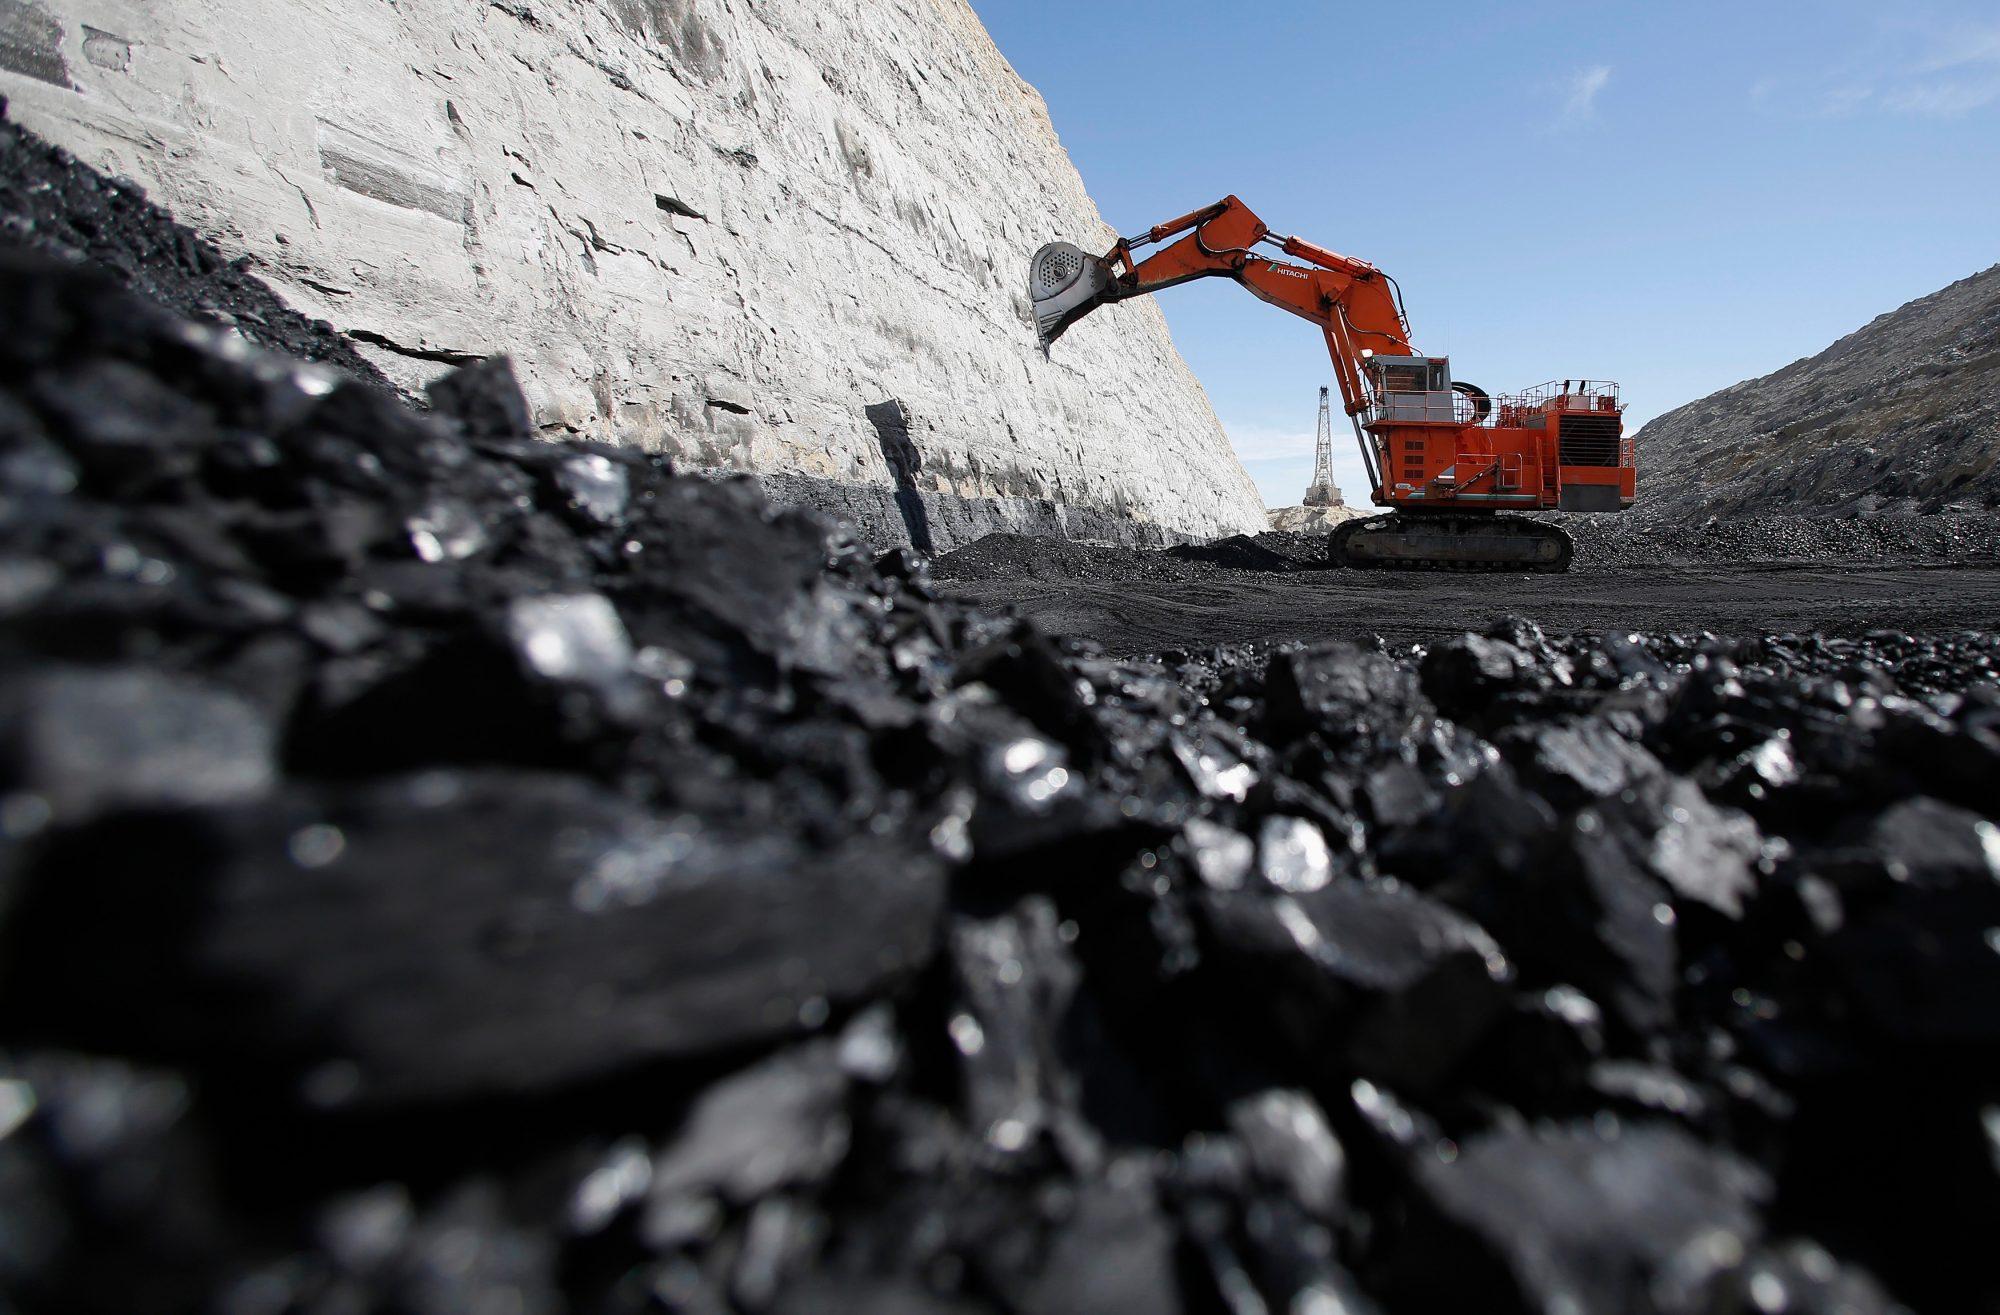 مواد معدنی و صنعتی در کشور گرجستان